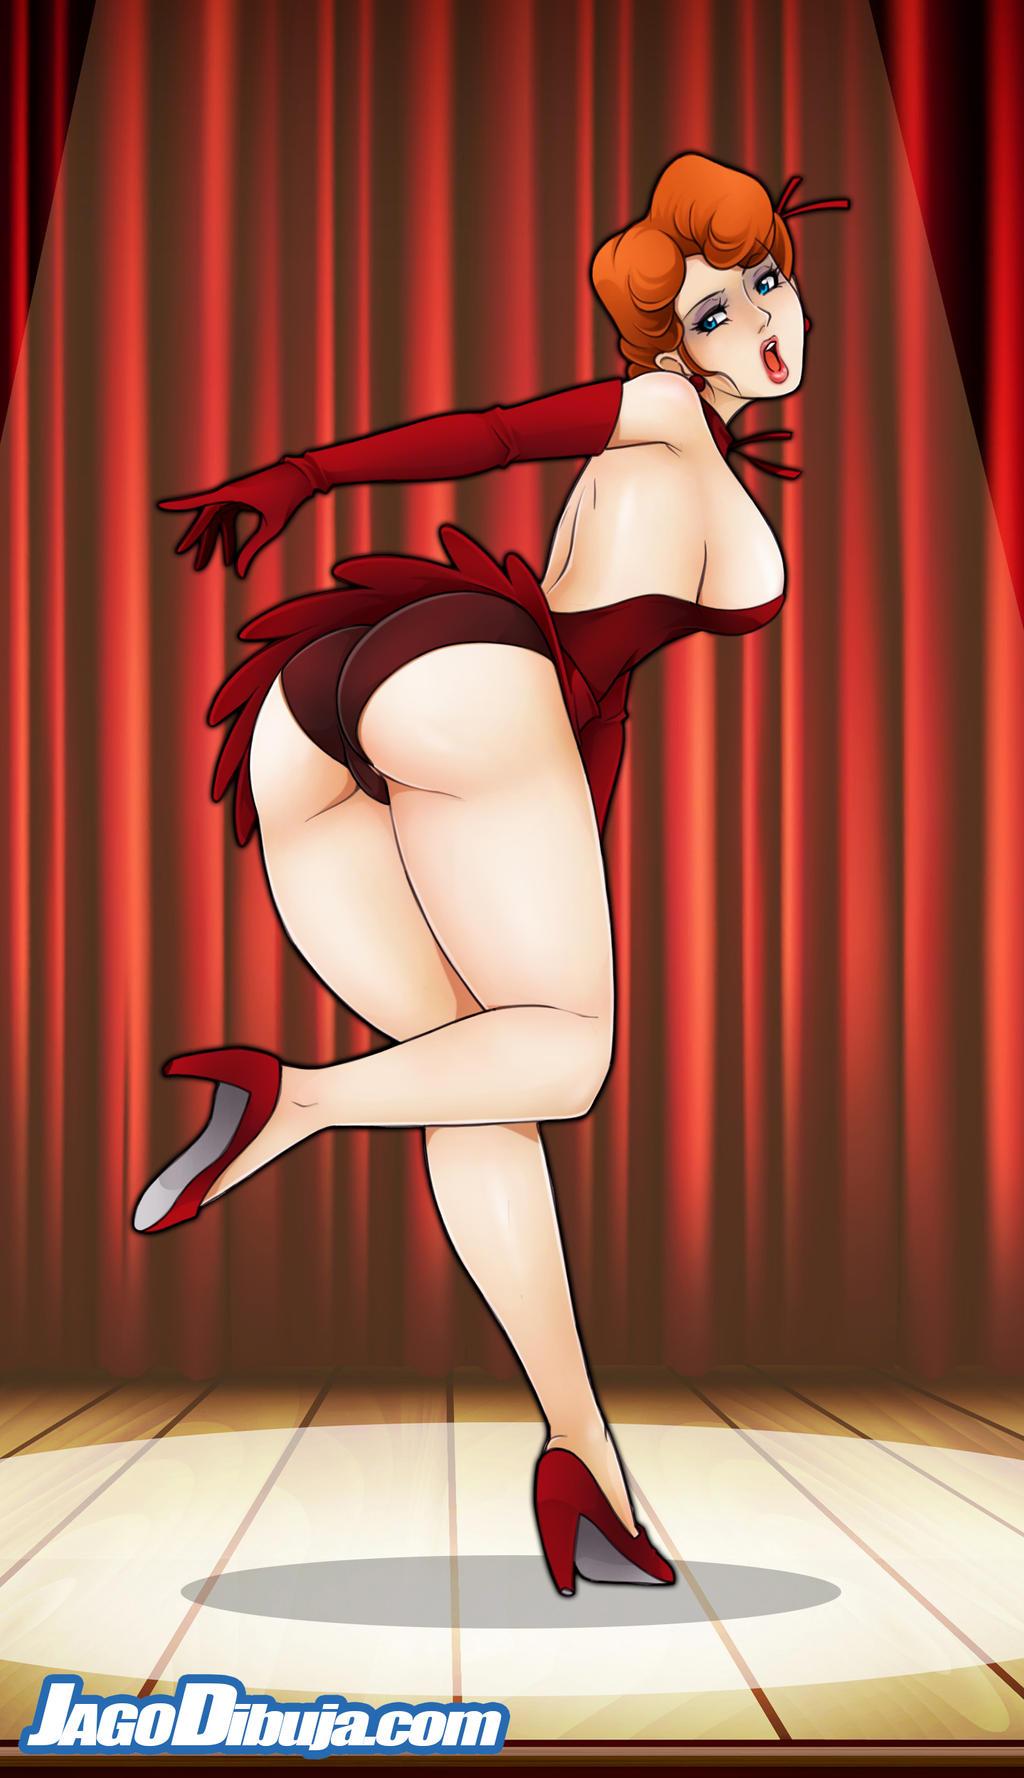 tanga style bikini